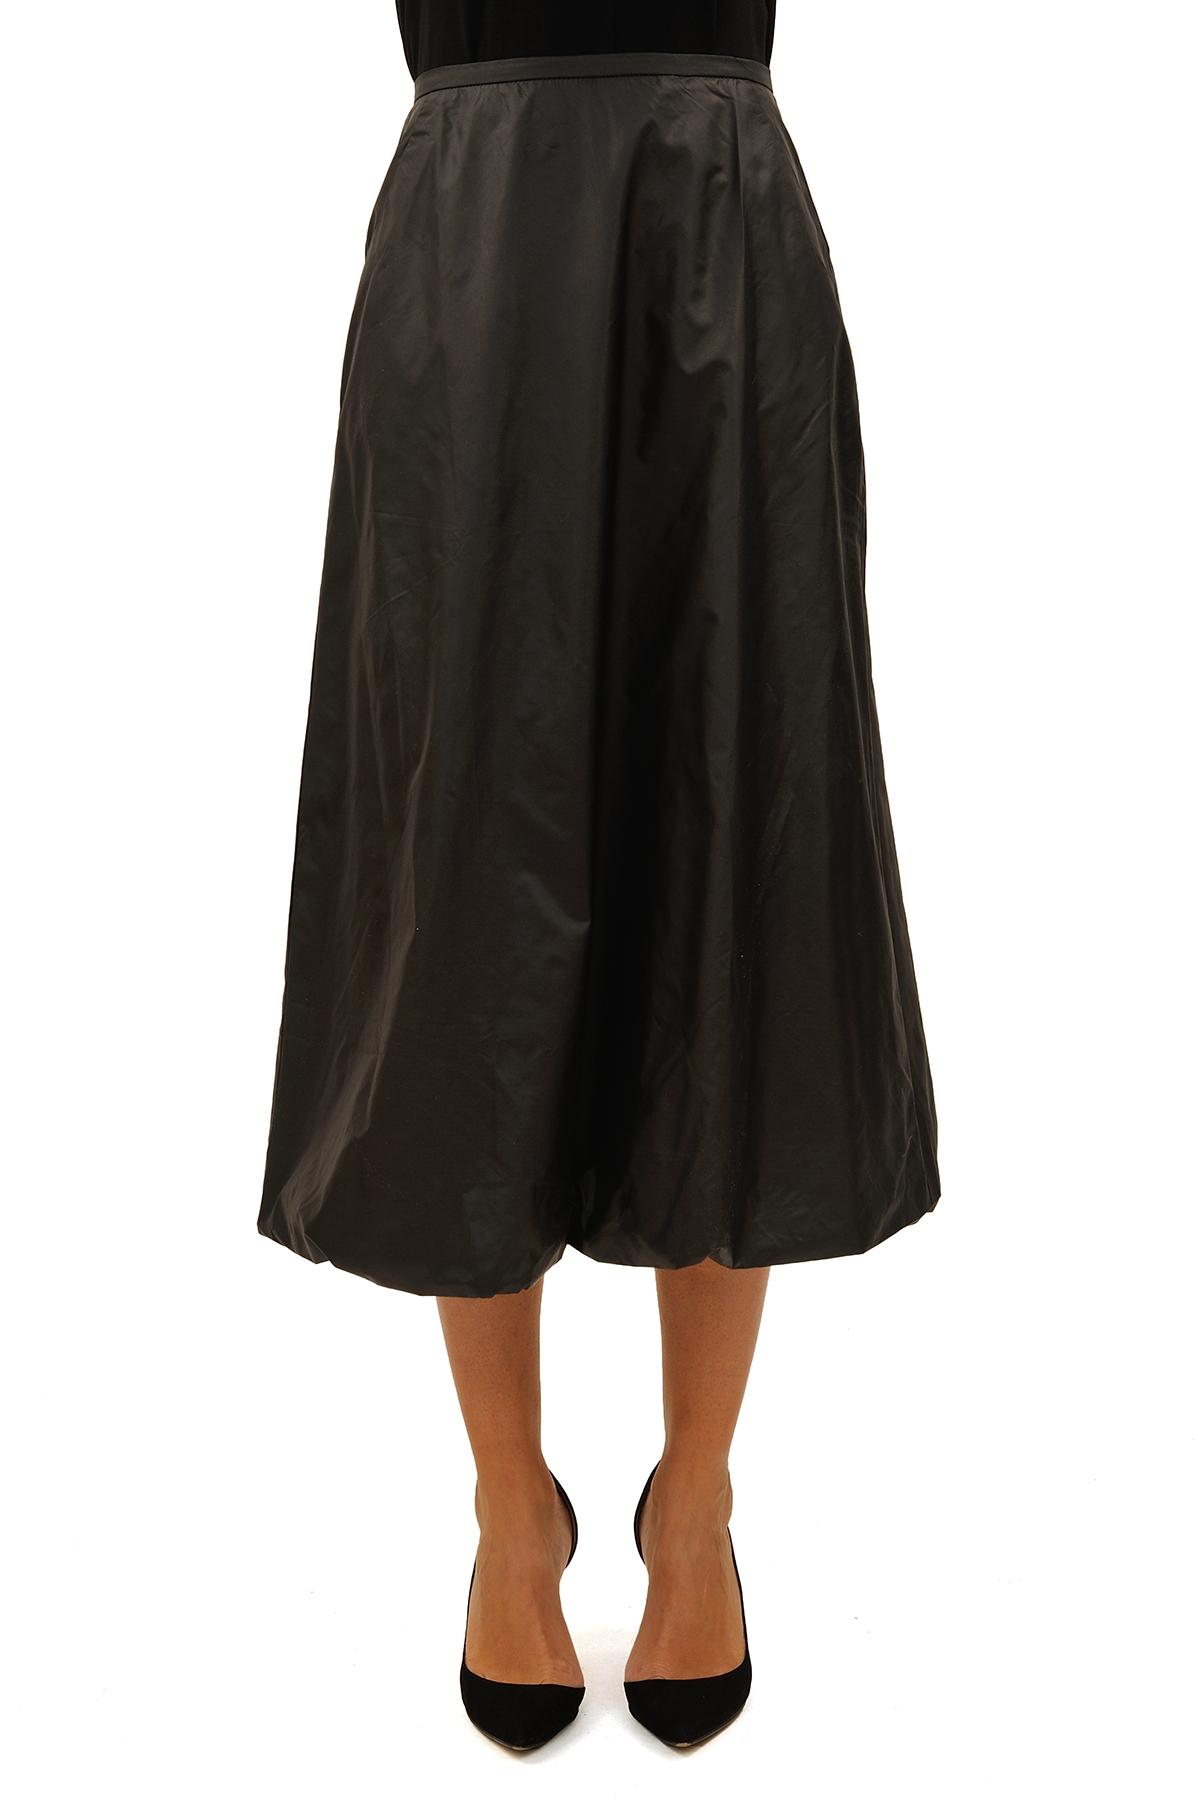 ЮбкаЖенские юбки и брюки<br>Эффектная юбка должна быть в каждом гардеробе и эта модель отвечает всем требованиям современной модницы! Благодаря спокойной однотонной расцветке, юбка превосходно гармонирует с любыми вещами.<br><br>Цвет: черный<br>Состав: 100 % полиэстер<br>Размер: 42,44<br>Страна дизайна: Россия<br>Страна производства: Россия